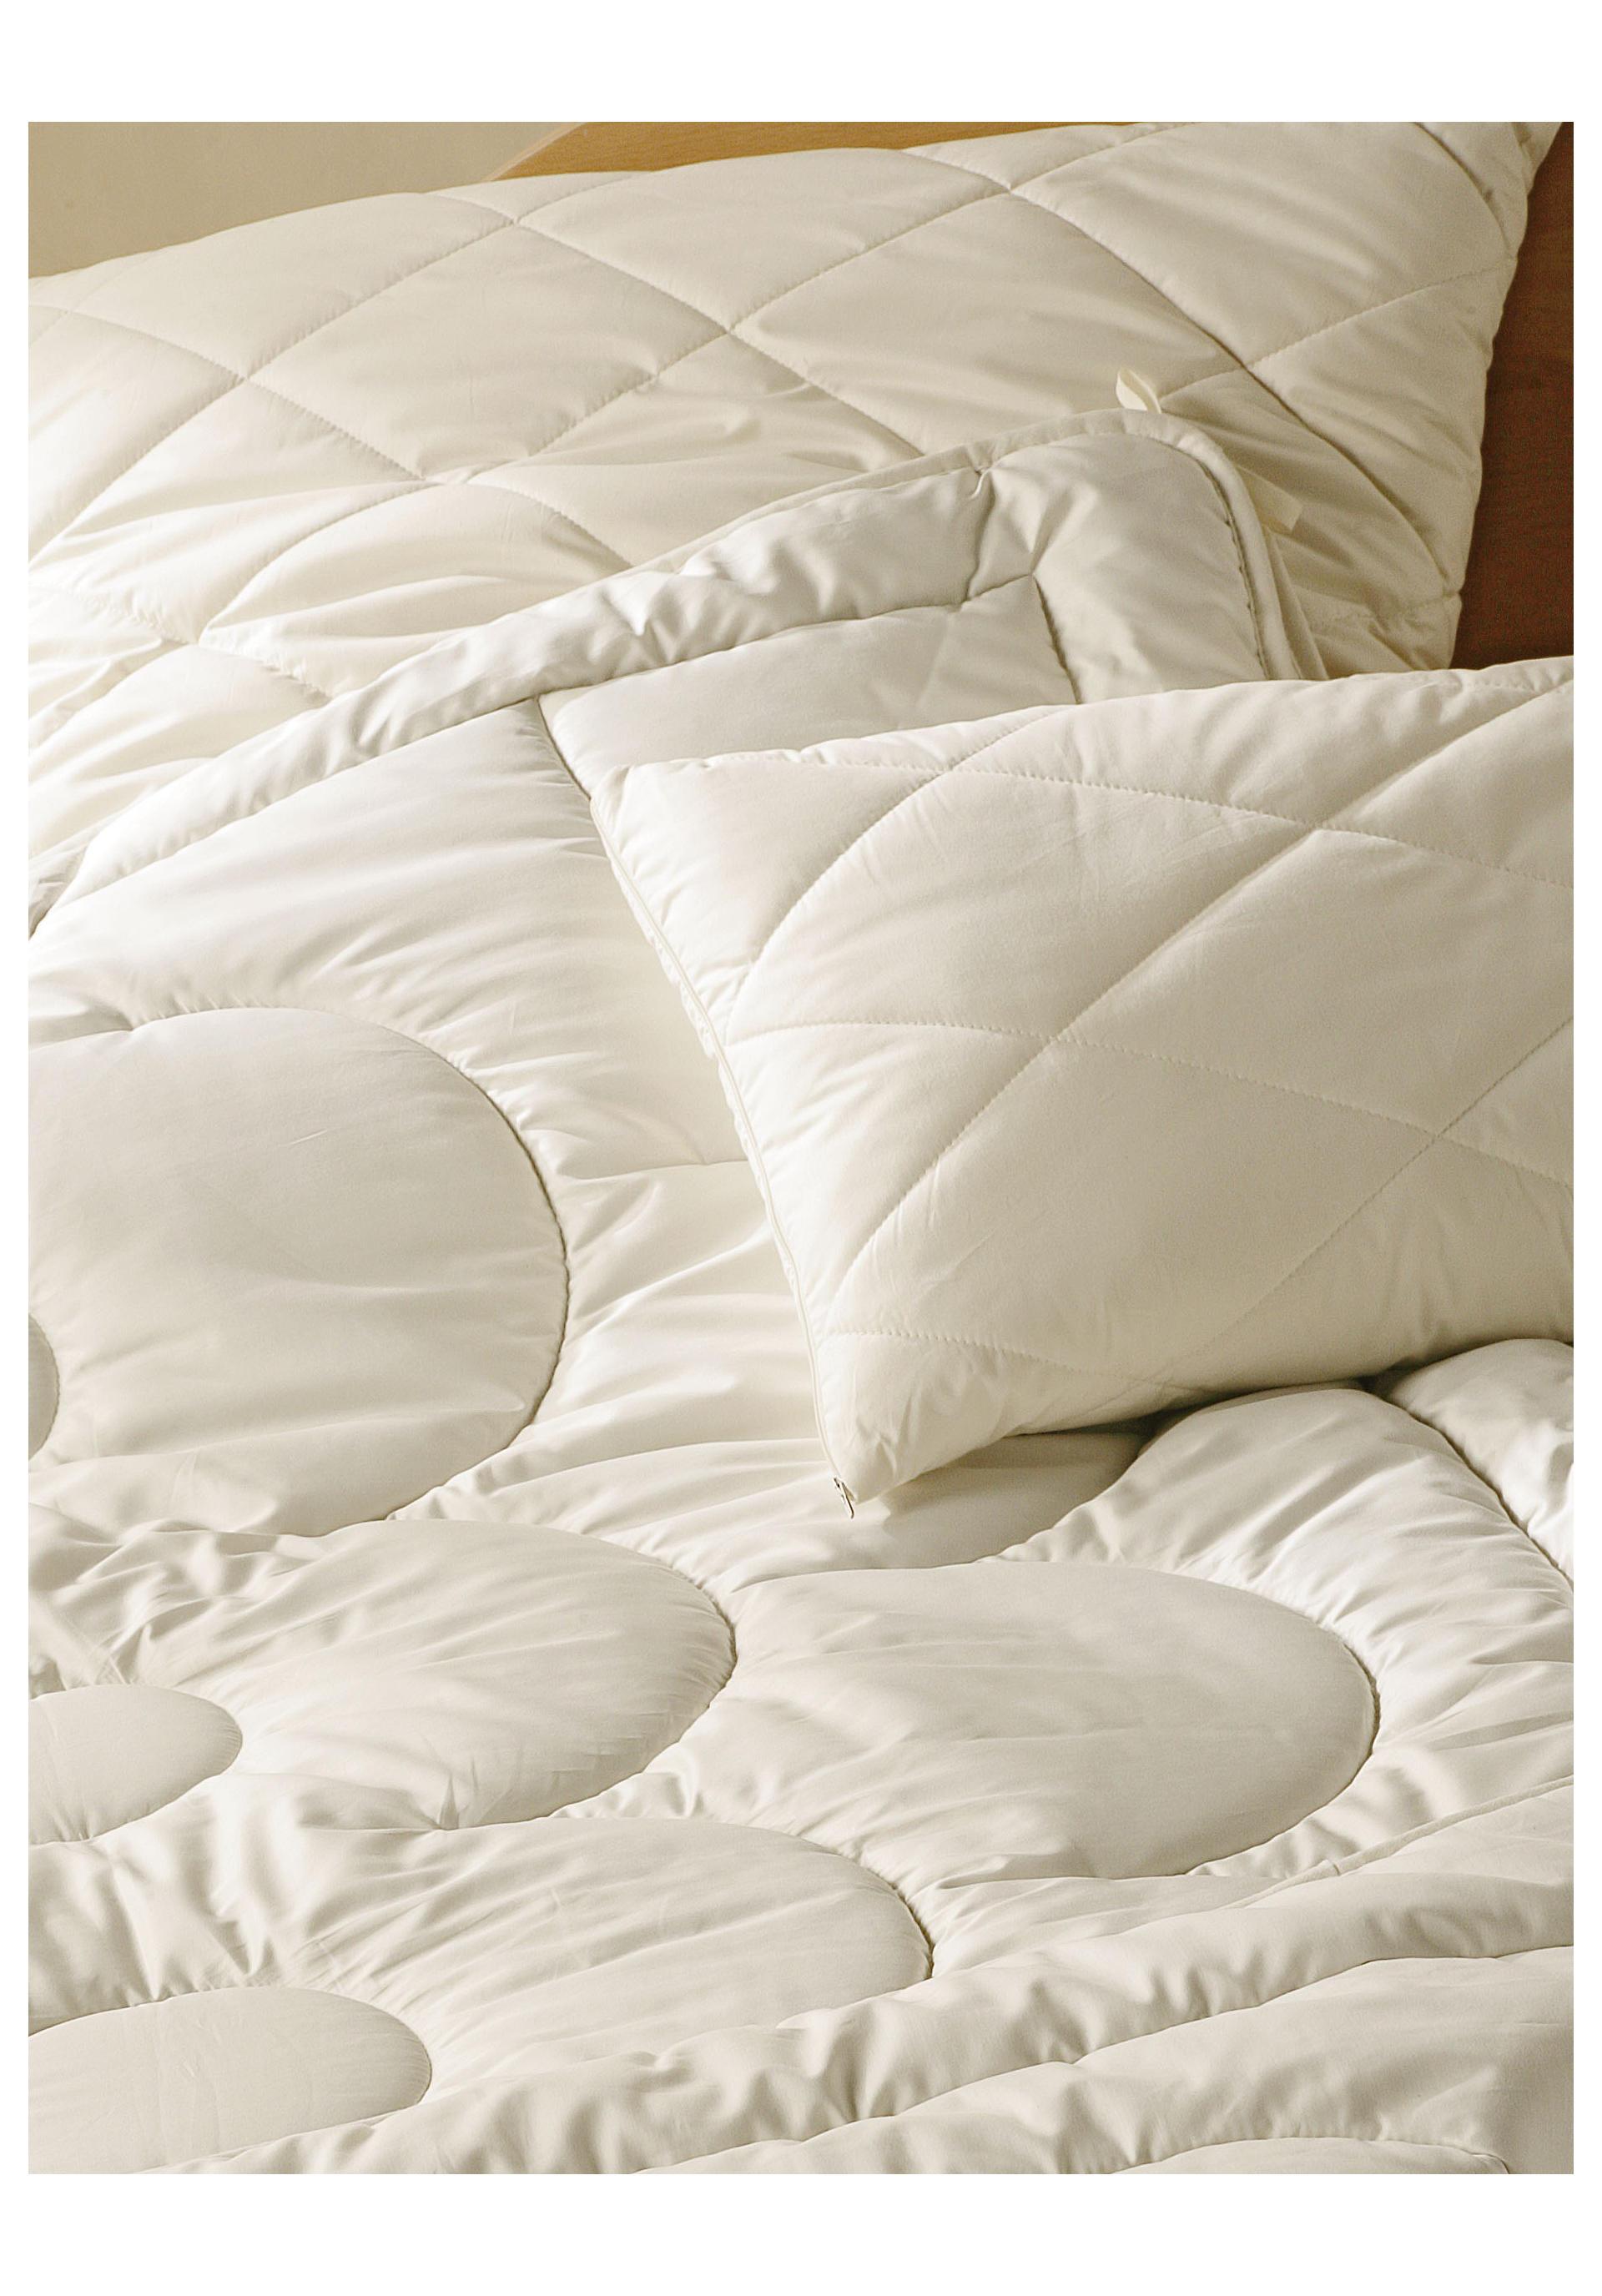 bettdecken 200x200 g nstig schlafzimmer farb ideen wie lange halten lattenroste bettw sche. Black Bedroom Furniture Sets. Home Design Ideas